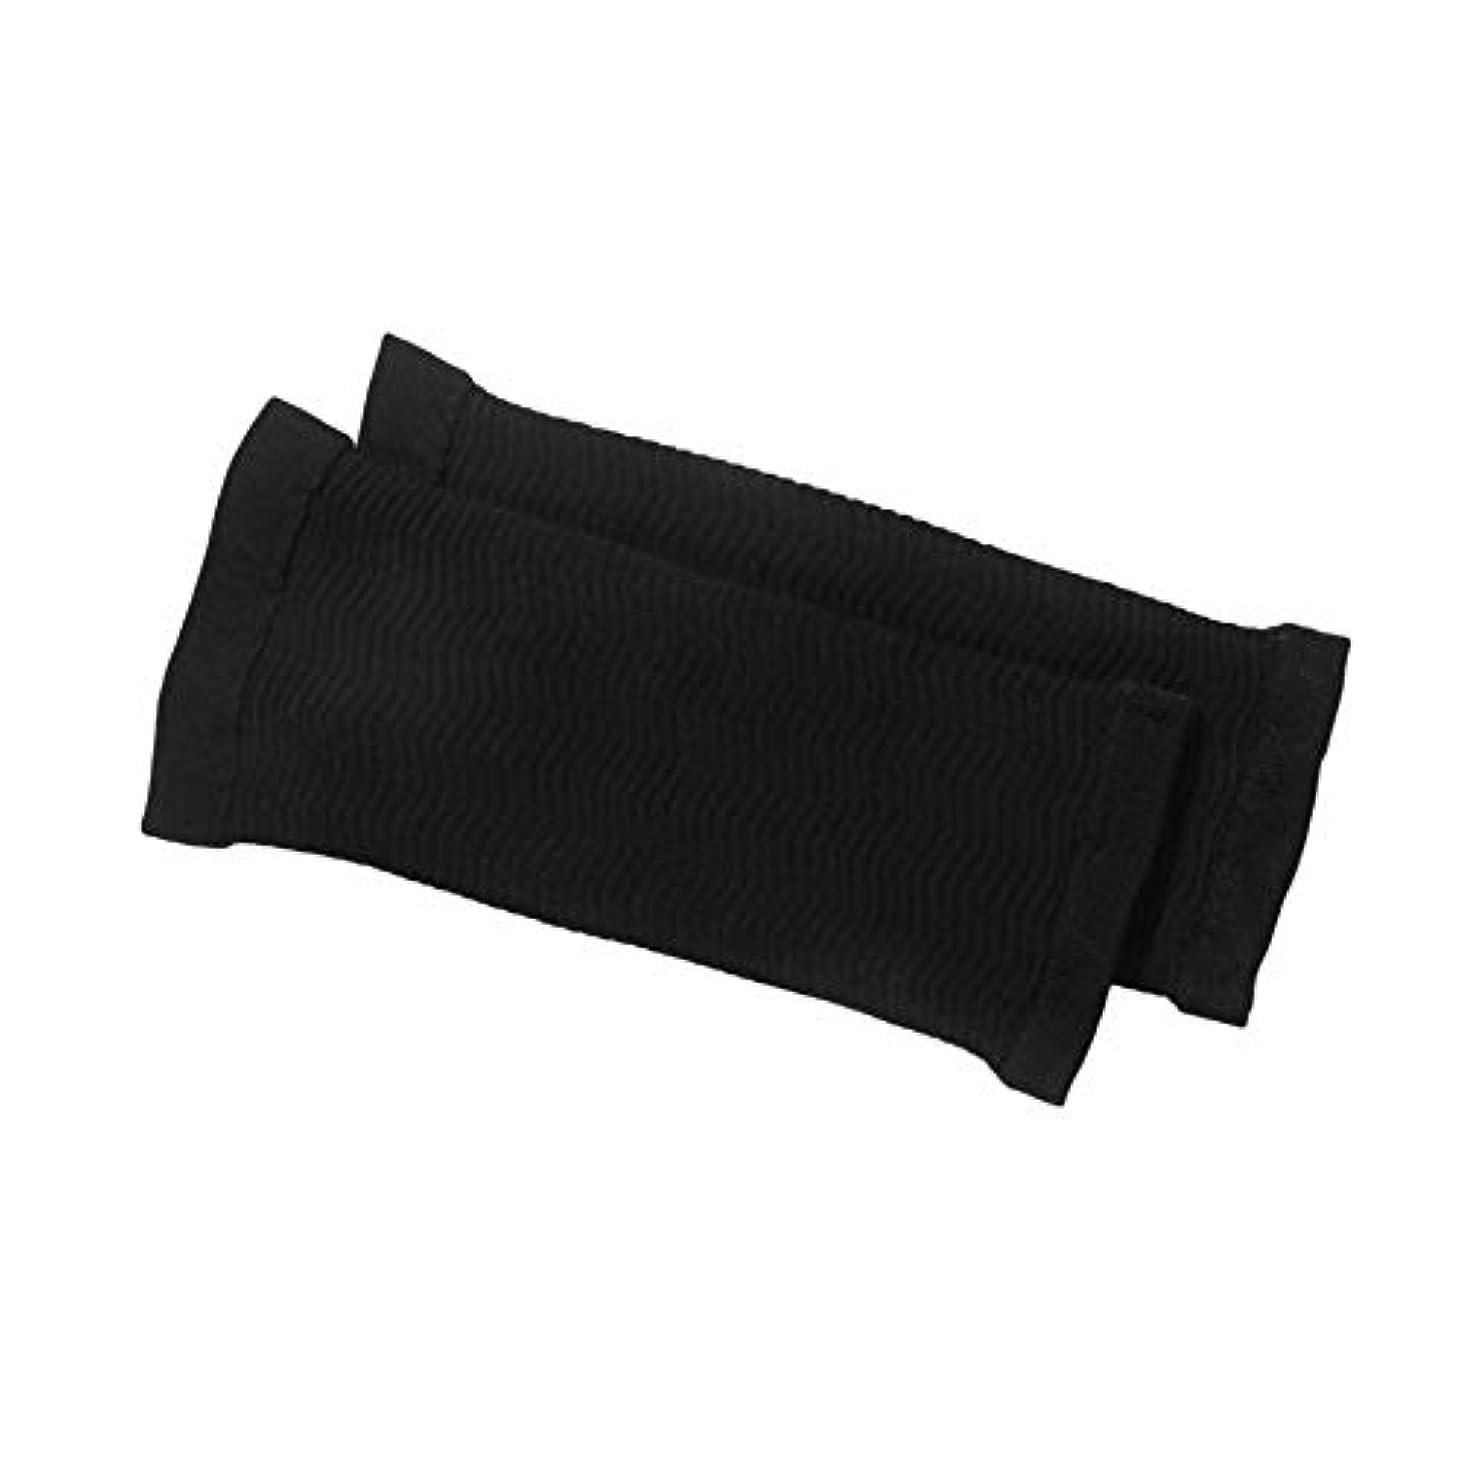 干渉もしがっかりした1ペア420 D圧縮痩身アームスリーブワークアウトトーニングバーンセルライトシェイパー脂肪燃焼袖用女性 - 黒